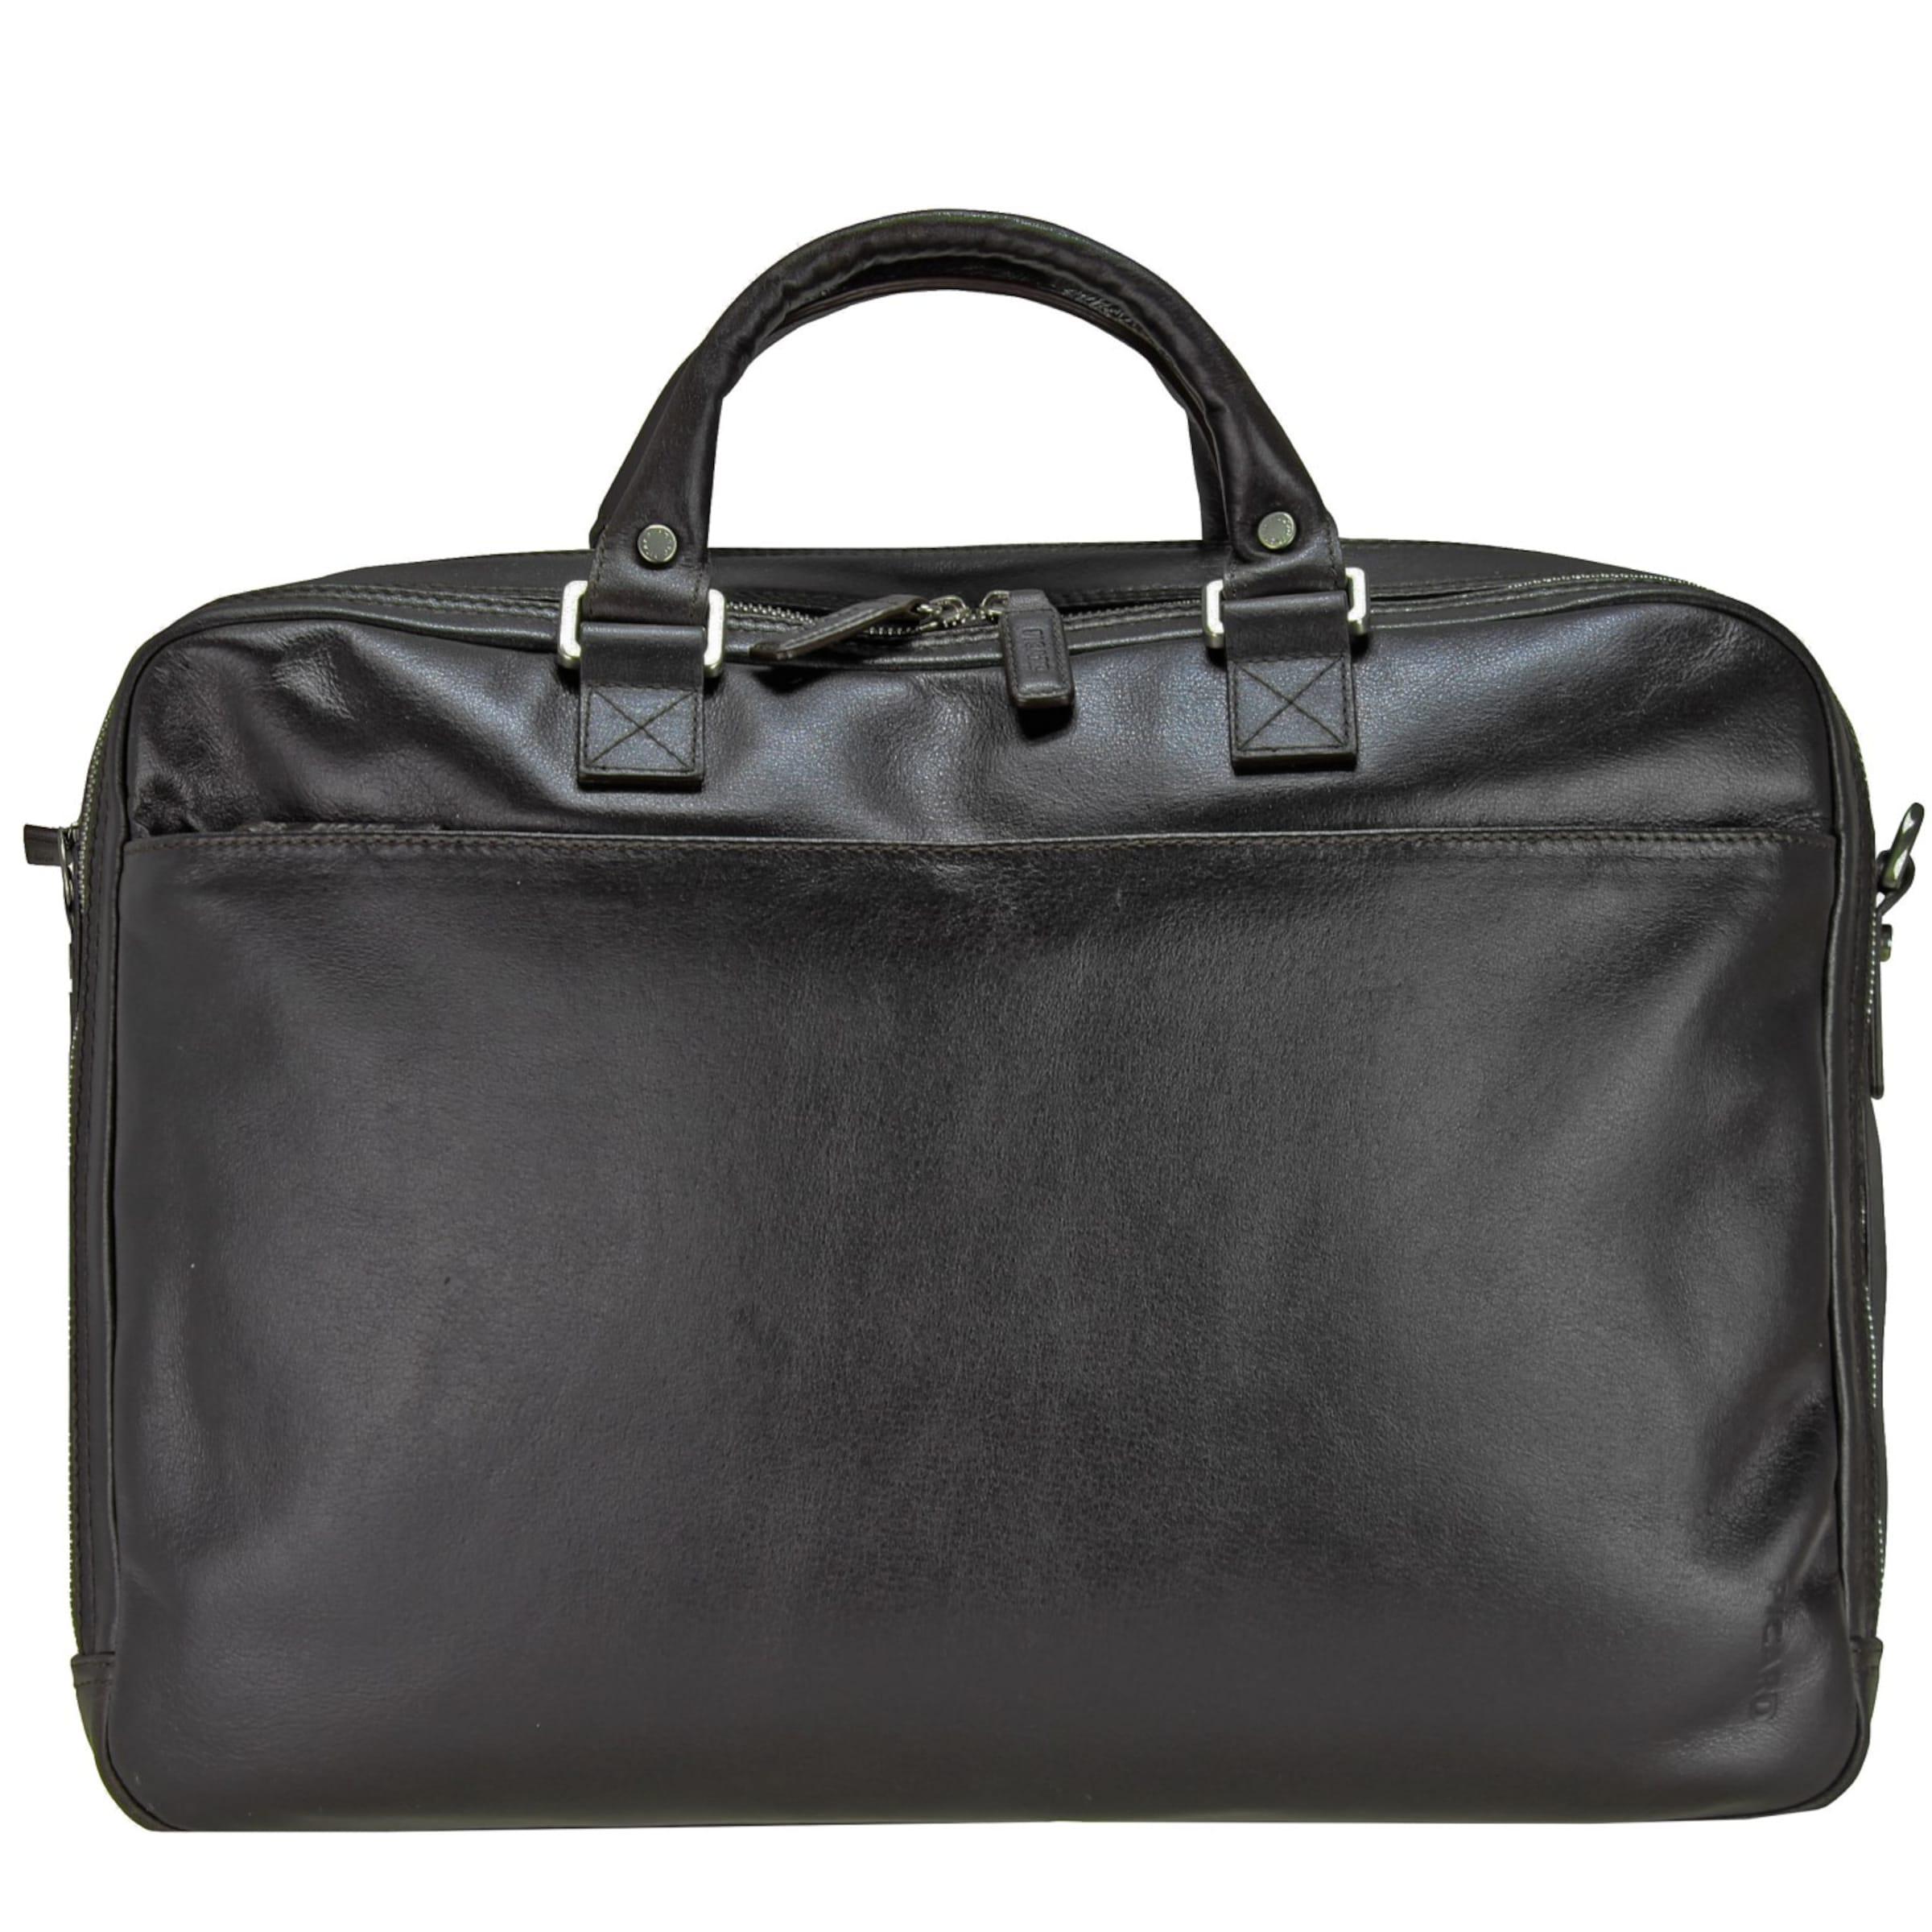 Billig Verkauf Fabrikverkauf Picard Buddy Aktentasche Leder 42 cm Rabatte Online Speichern Günstig Online Günstig Kaufen Kosten oiL6pPu